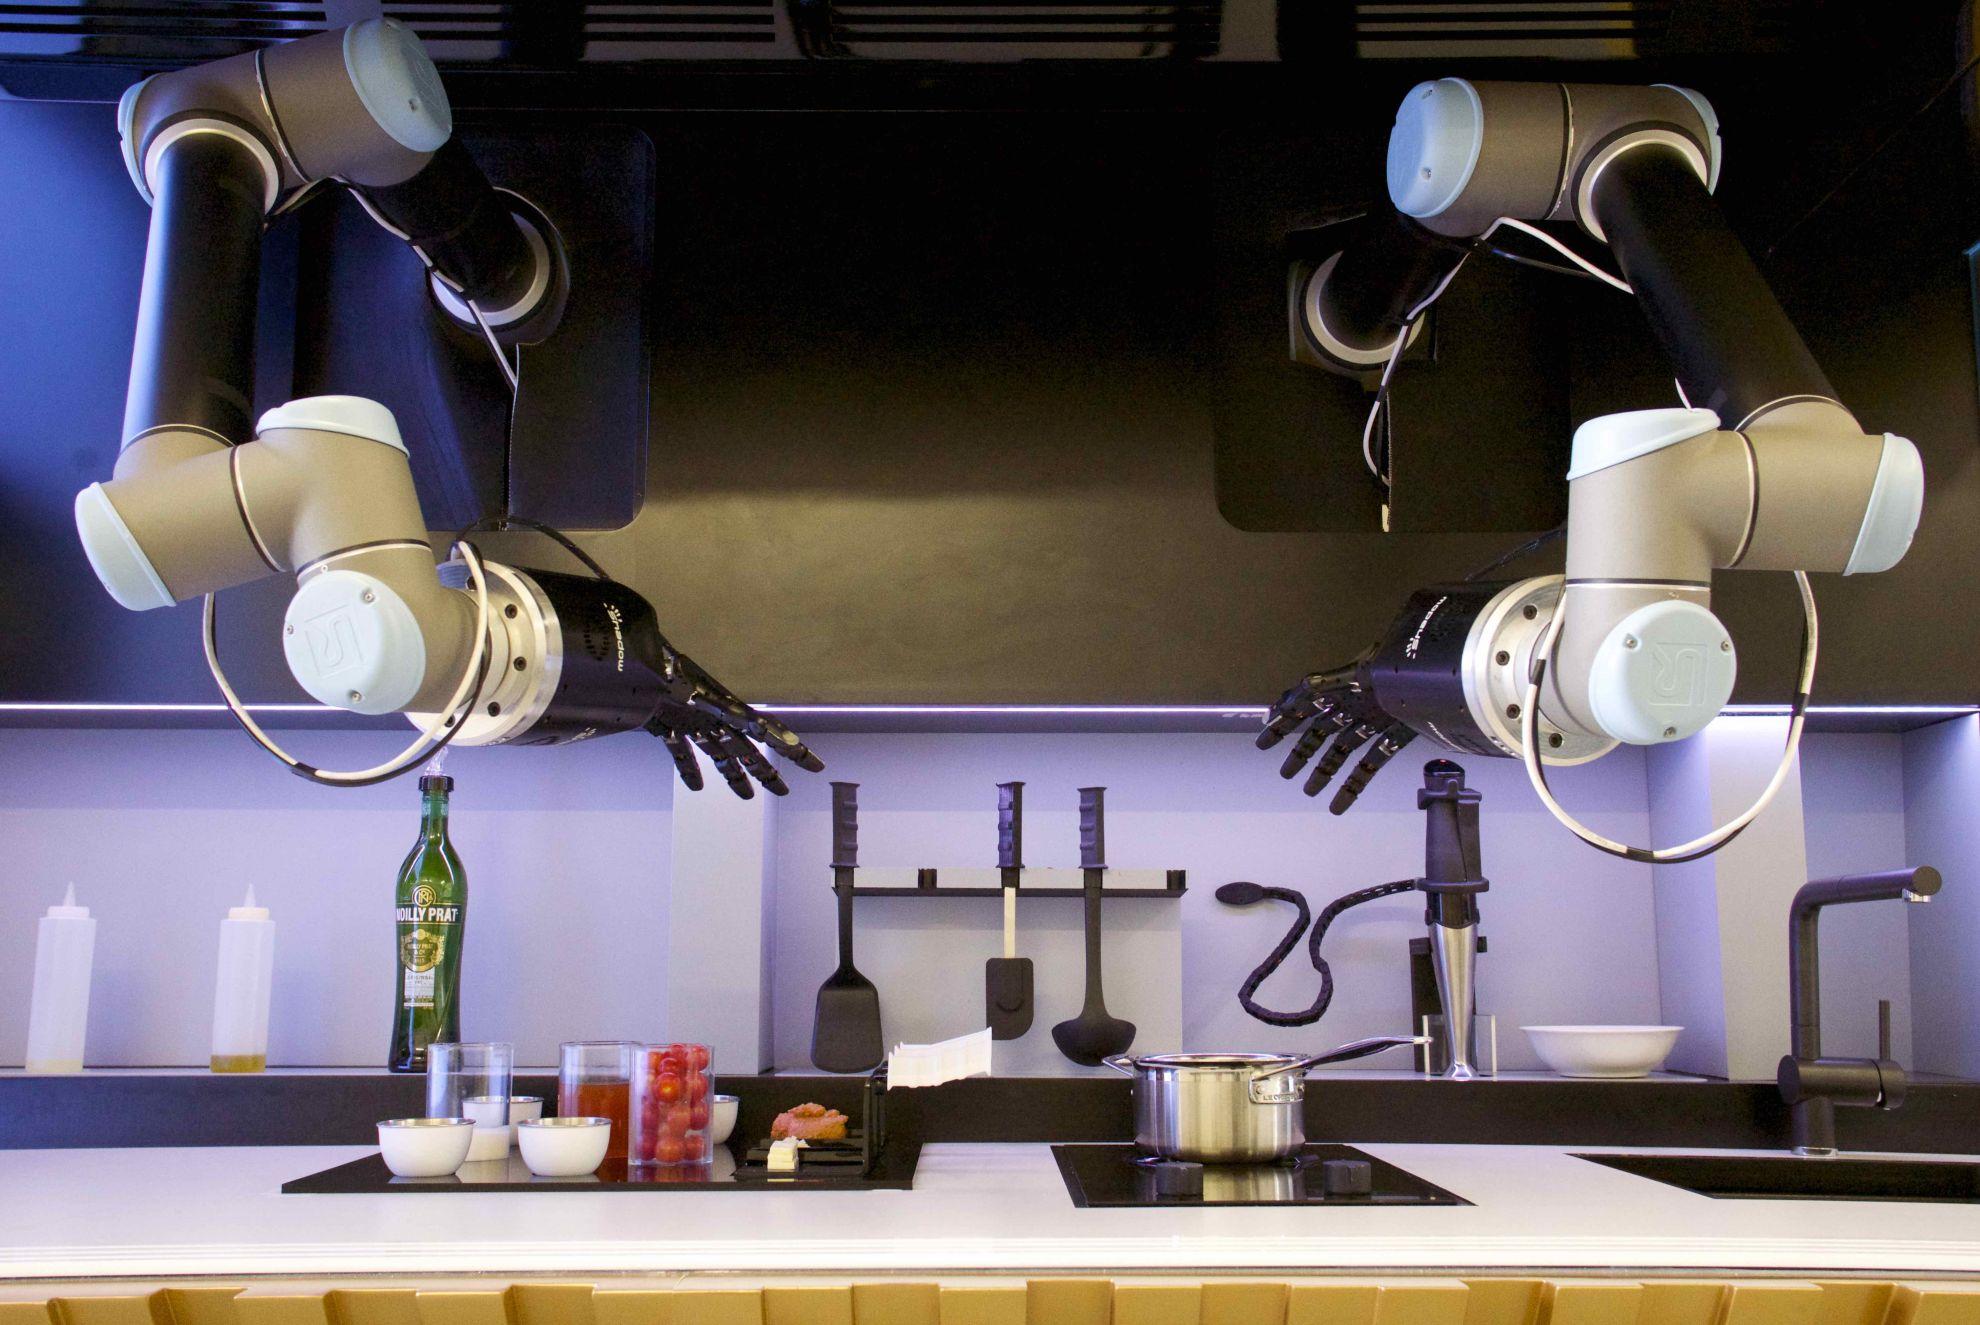 automatisierte Küche